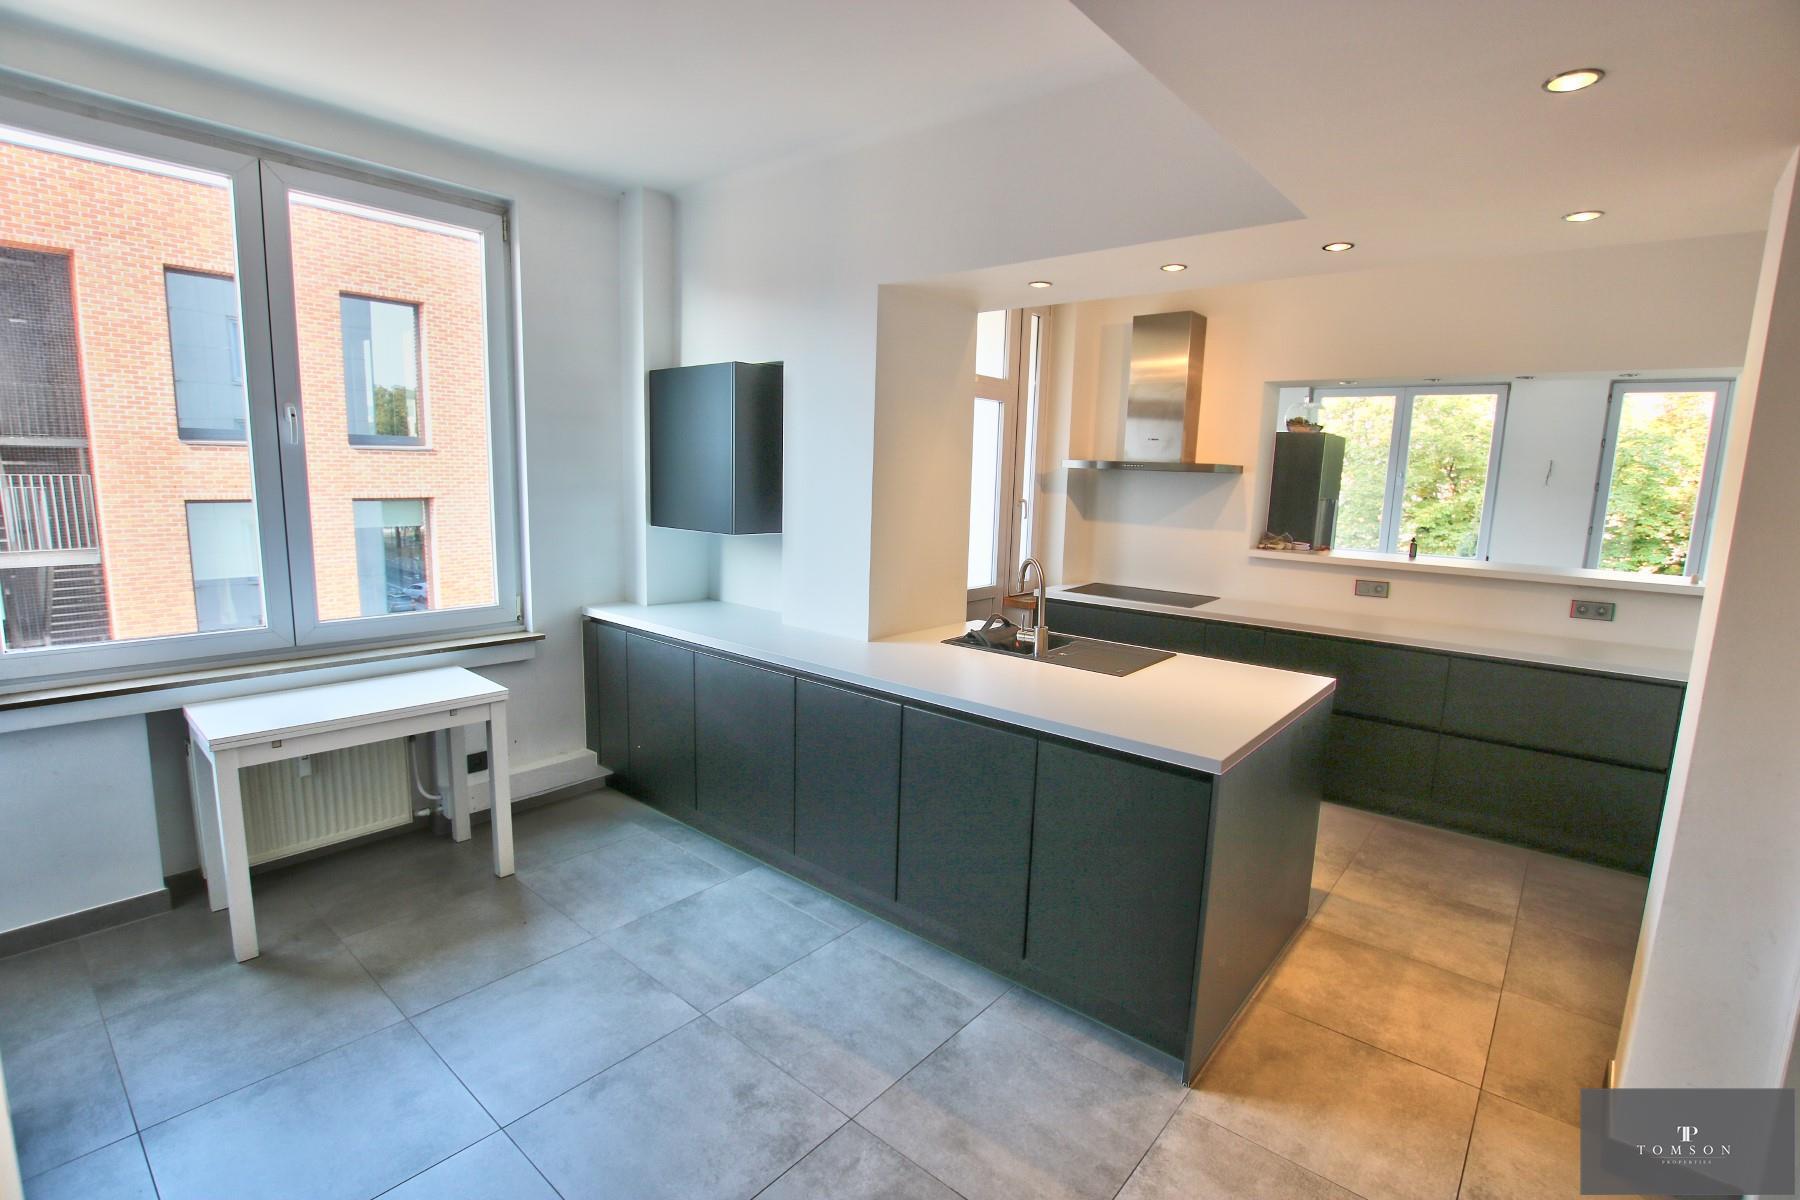 Appartement - Etterbeek - #4154759-5